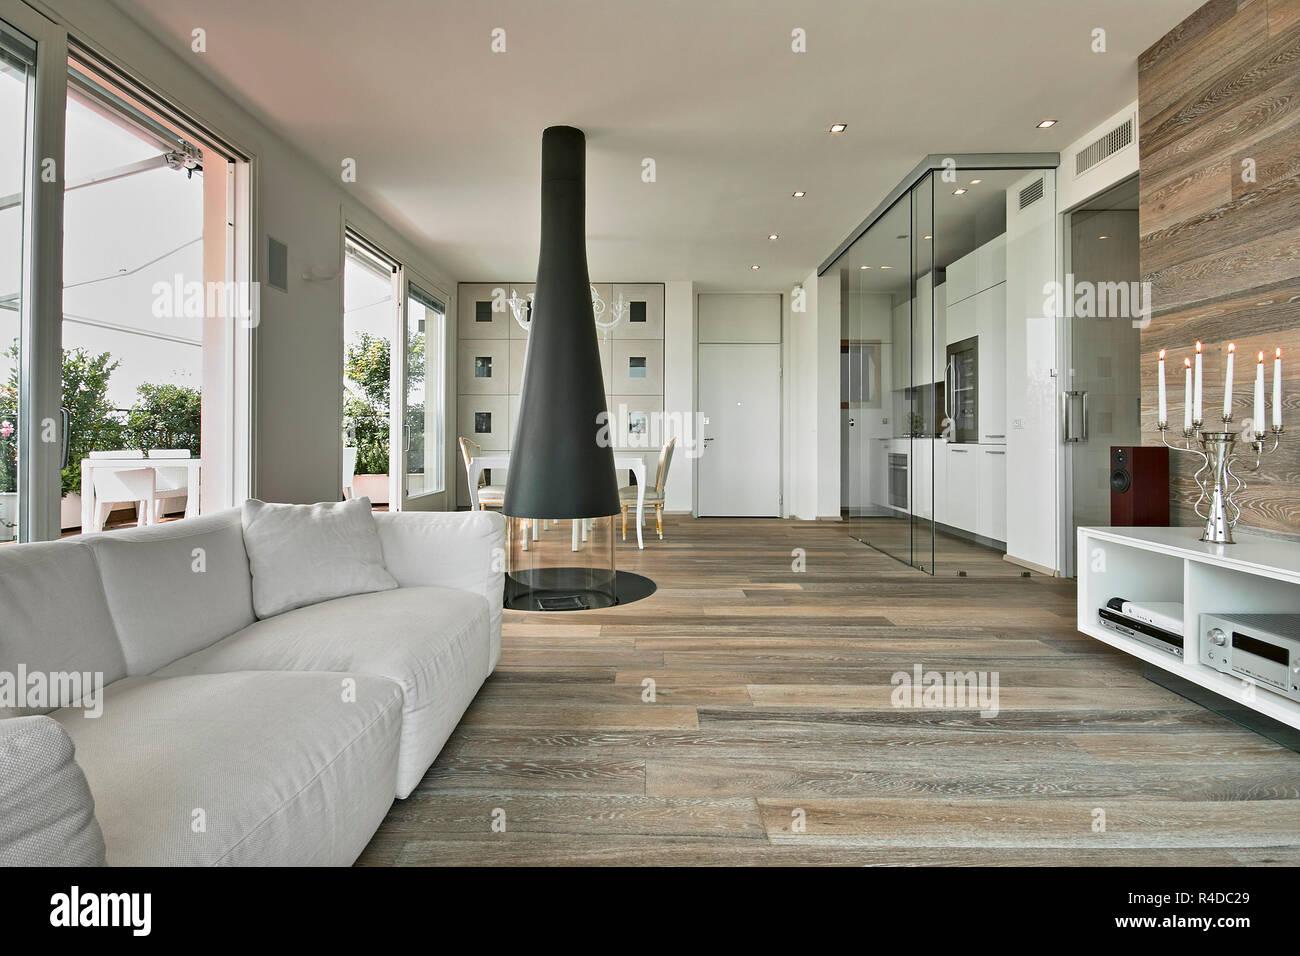 Arredamento Soggiorno Moderno Di Lusso.Arredamento Orizzontale Interno Casa Interni Soggiorno